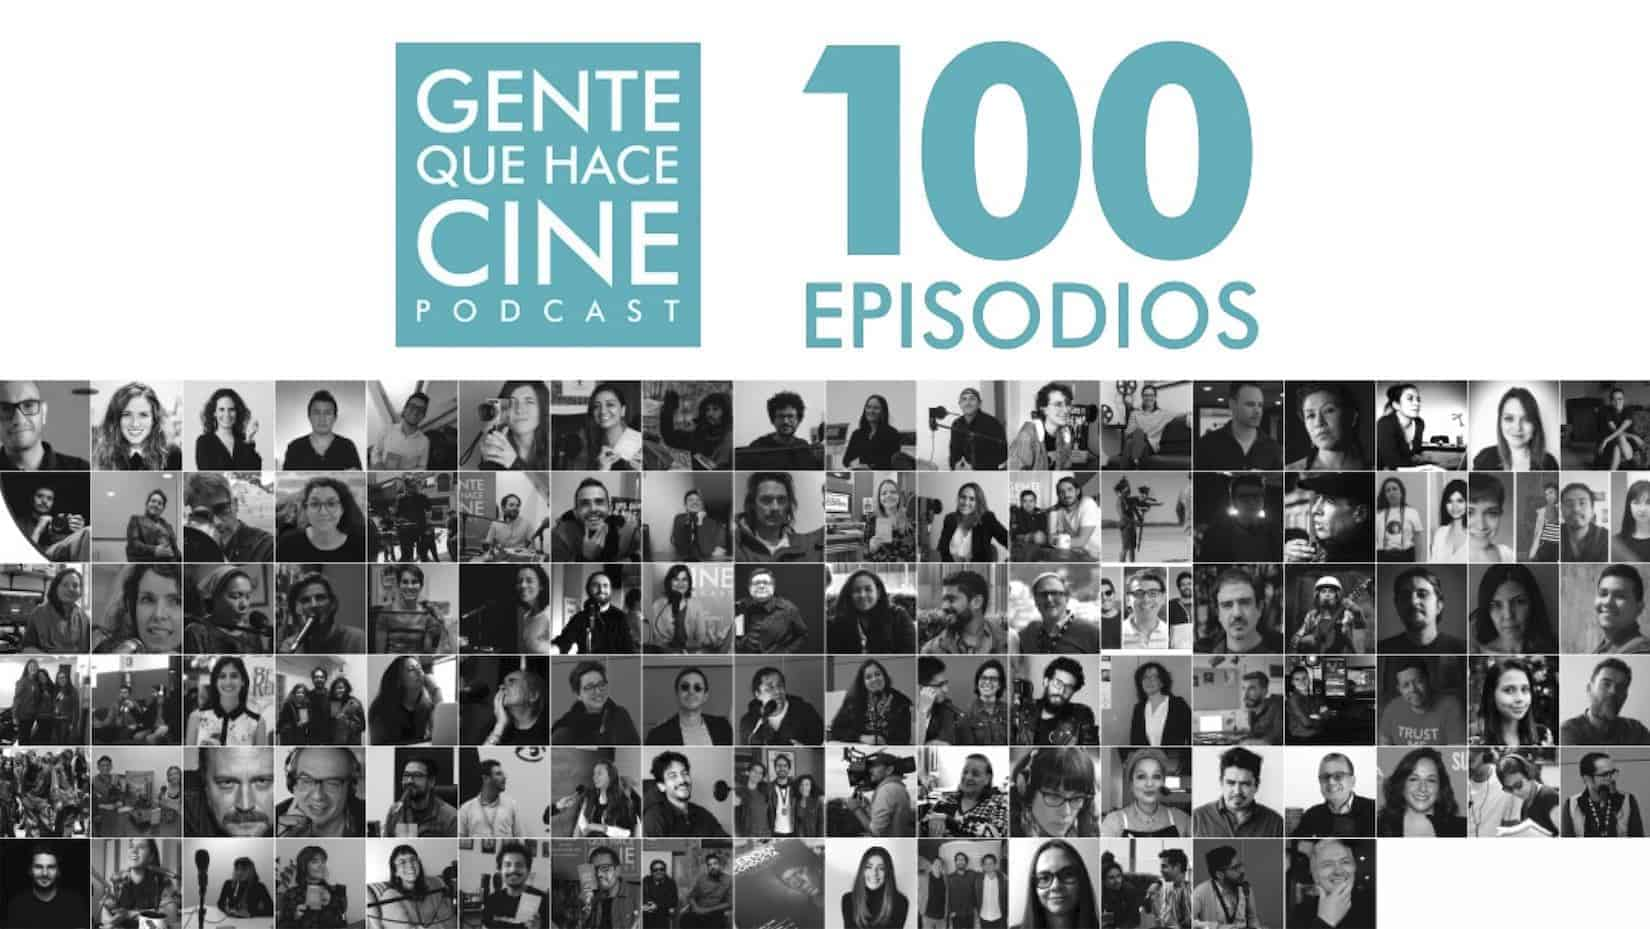 El Podcast Gente Que Hace Cine llega a su Episodio 100!